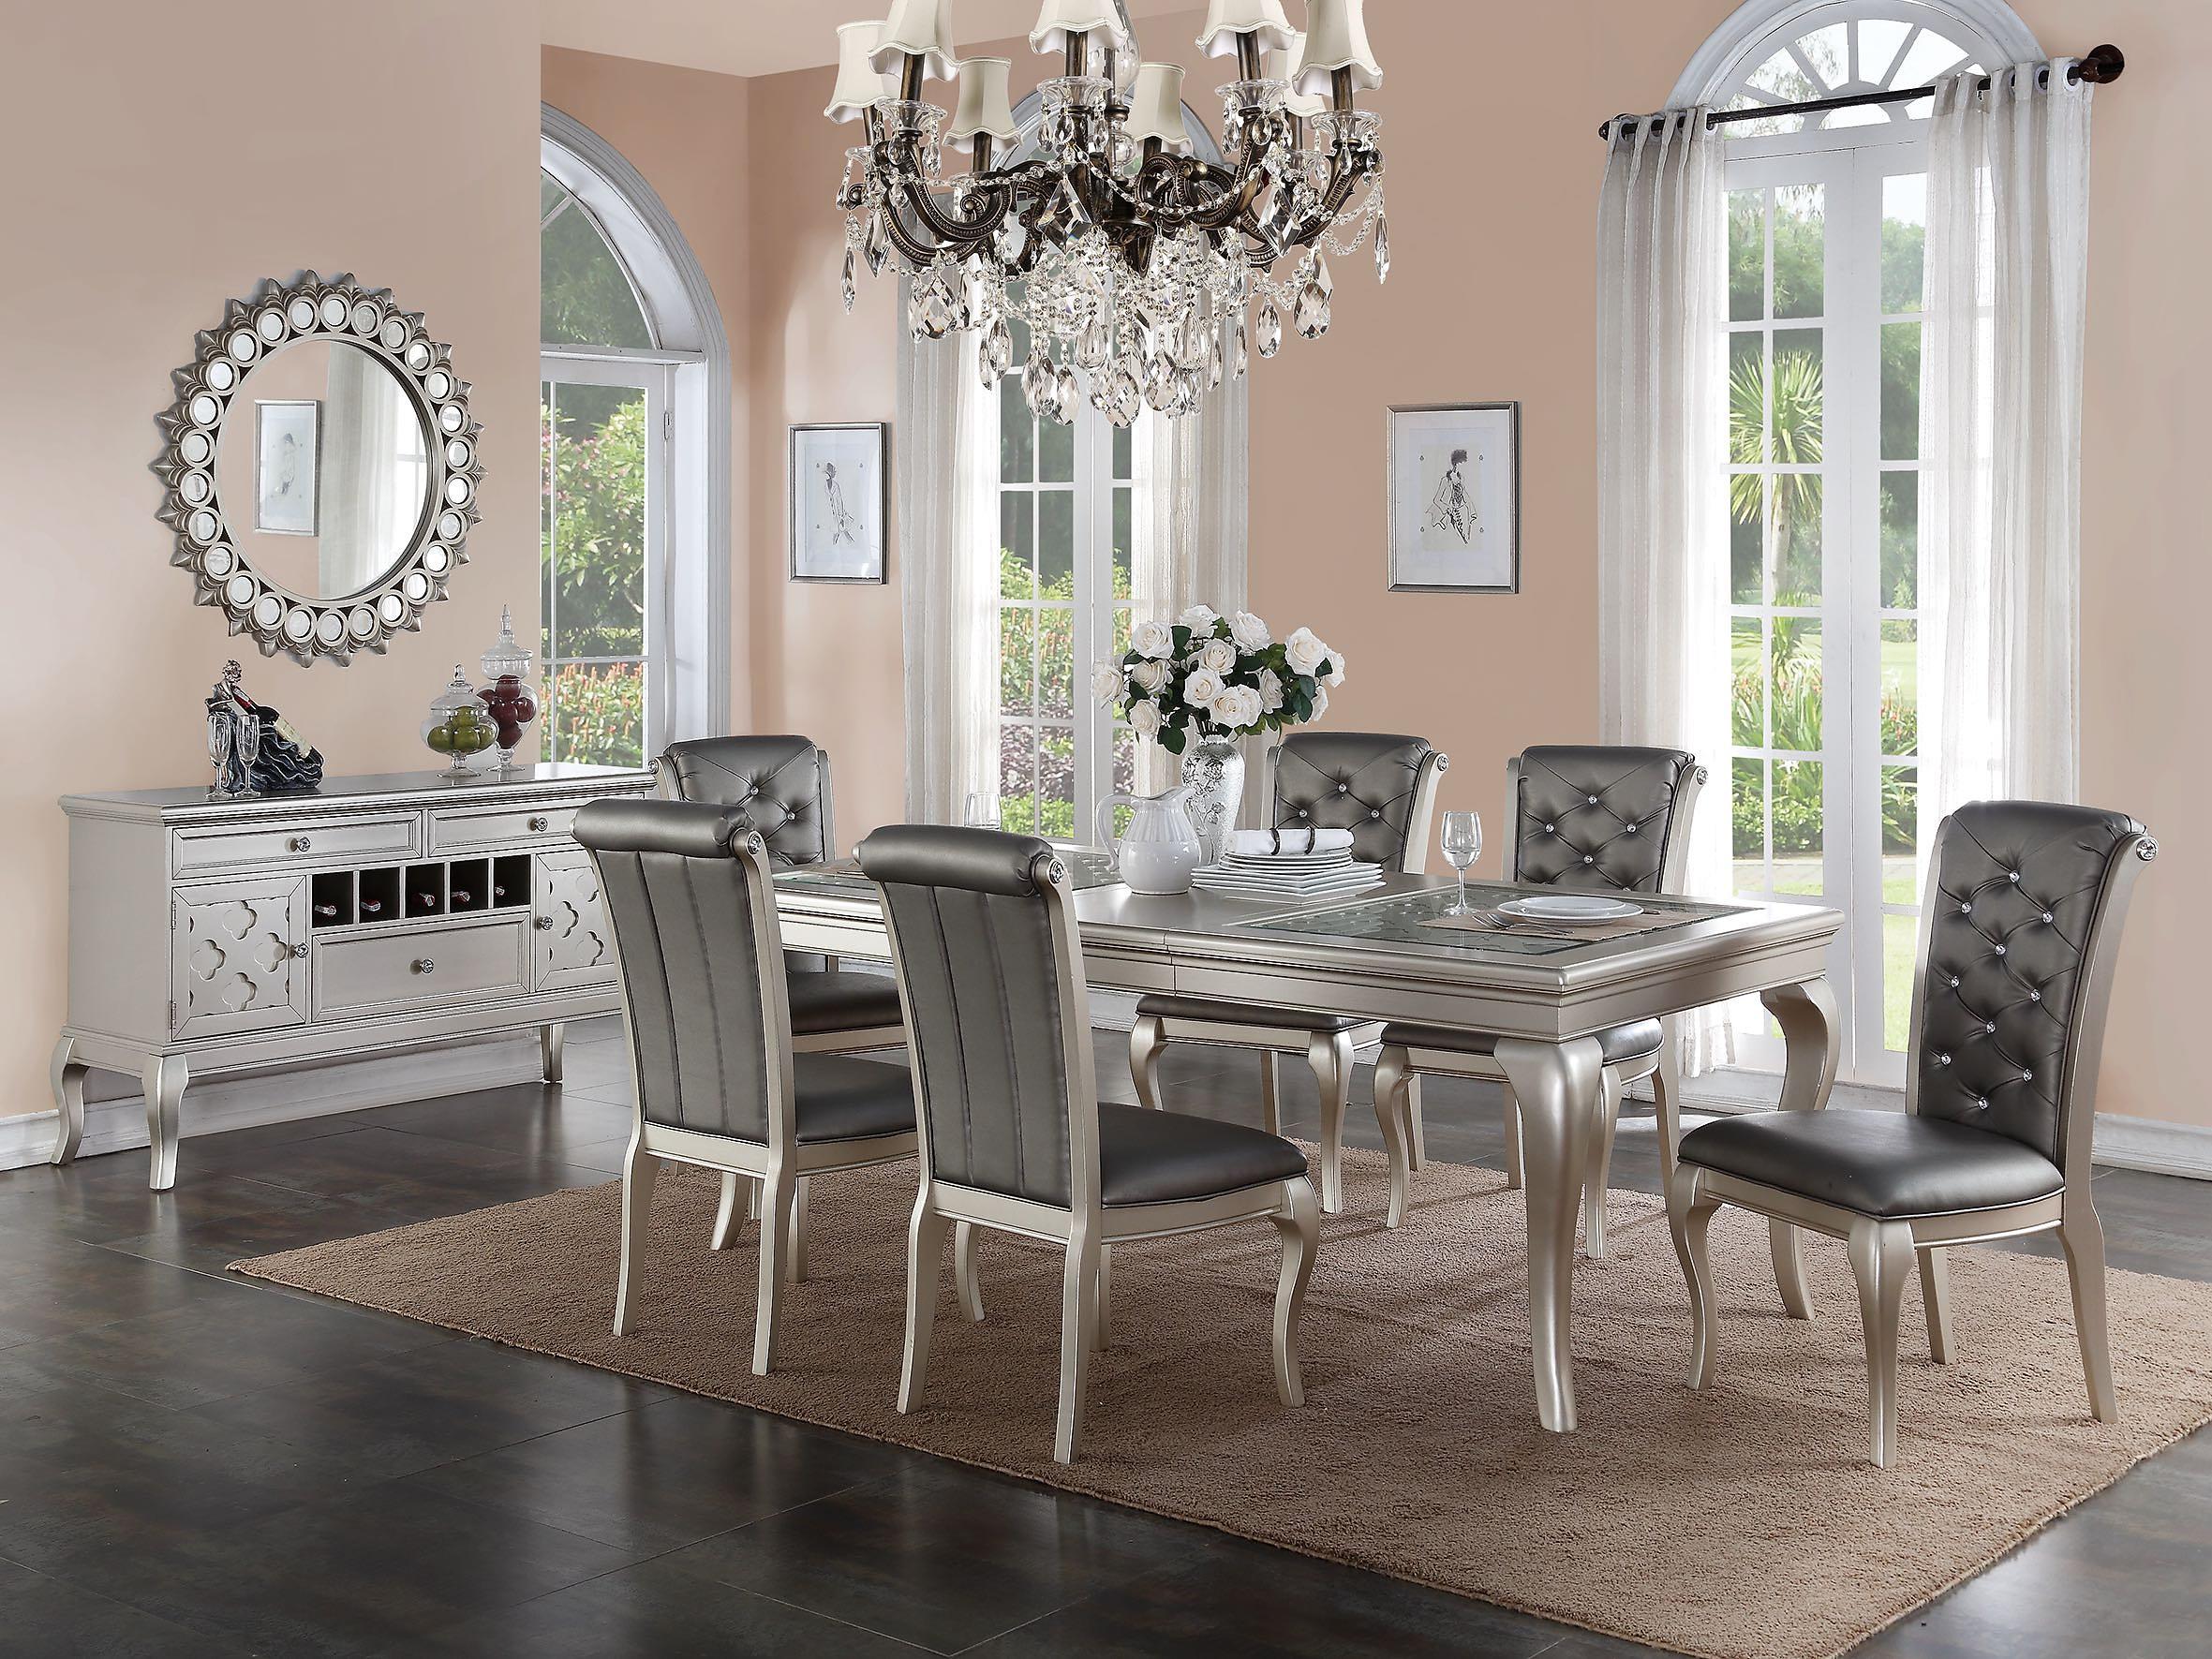 Amavi Designs Quality Furniture at Amazing Prices